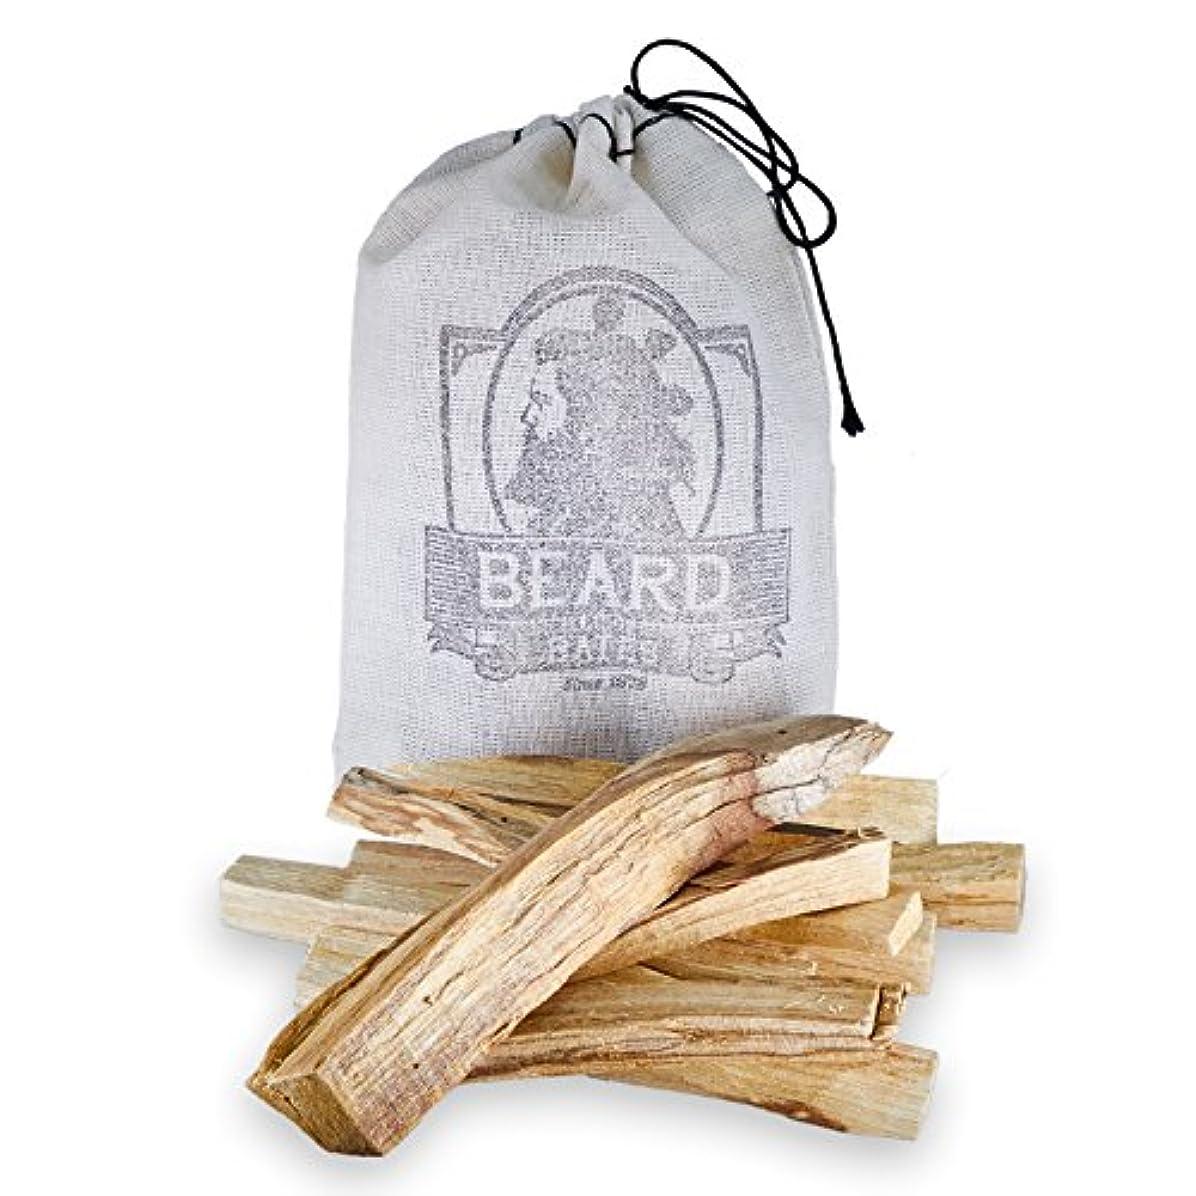 化合物ジェスチャー呼ぶBeard & Bates   Palo Santo – Extra Large、Handcut、Sustainably Wild Harvested Incense Sticks for瞑想、クレンジング、Stress...